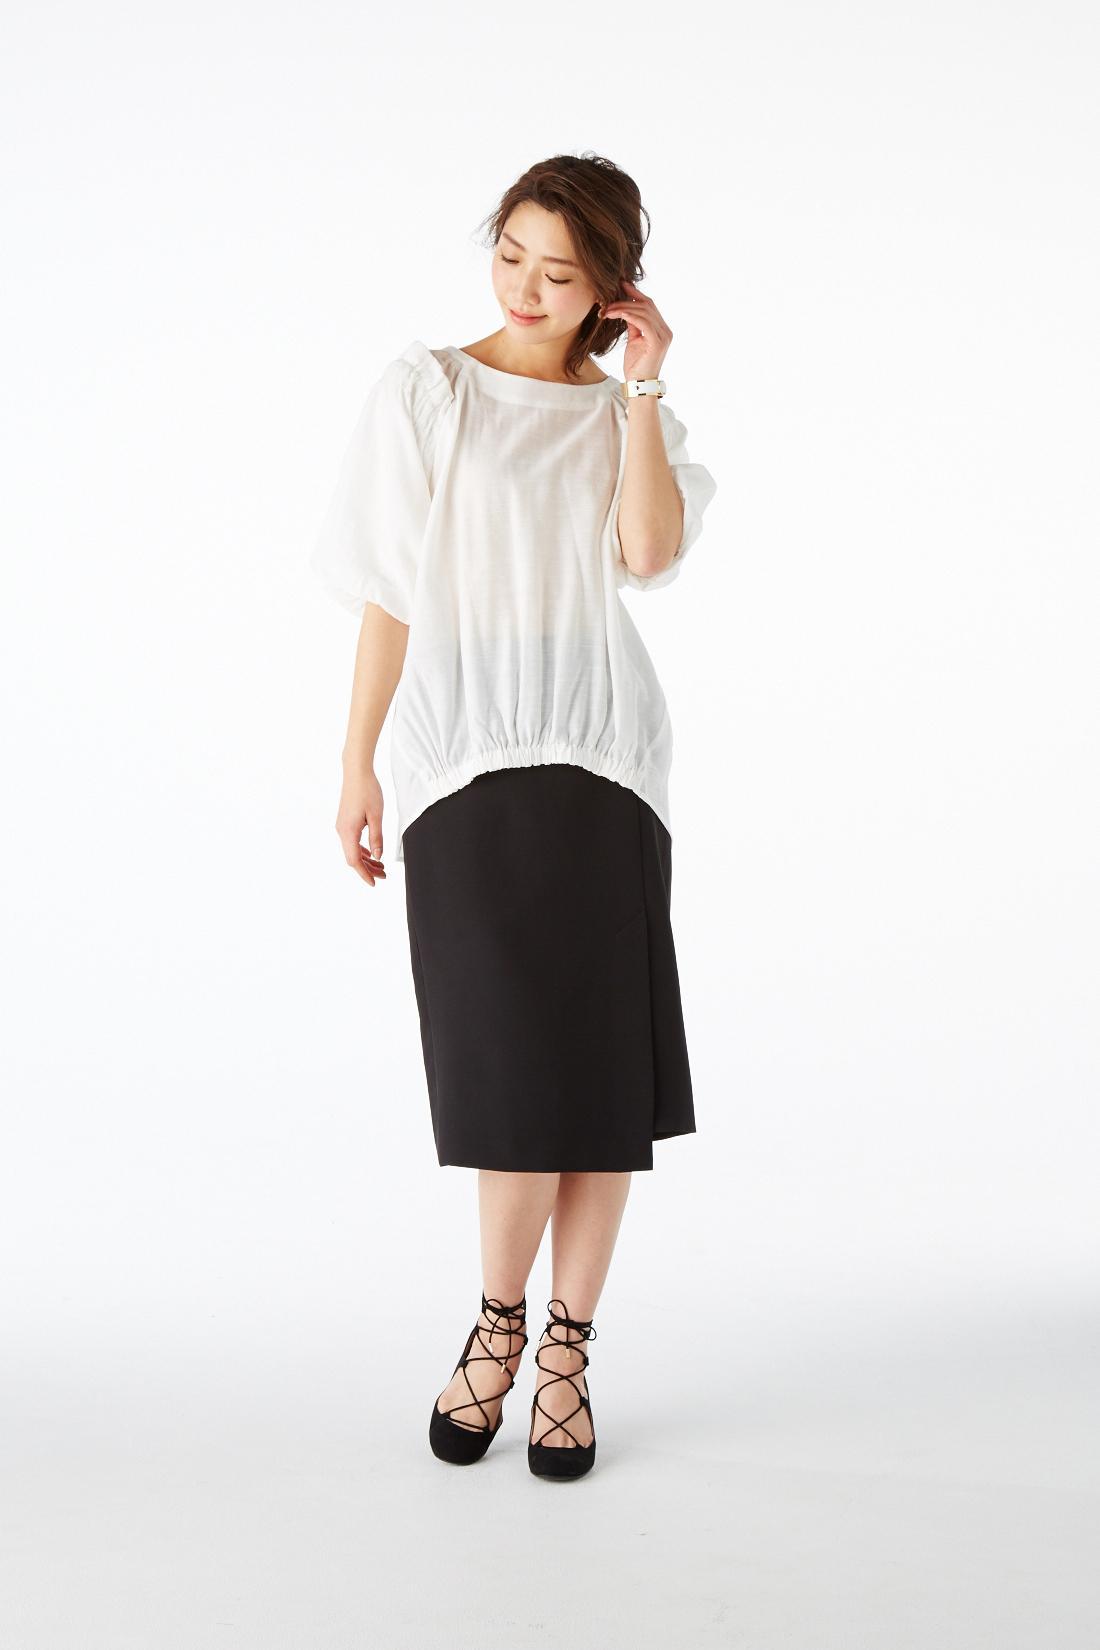 """""""袖コンシャス"""" 袖の華やぎで女らしさが際立ったり、華奢に見えたり。さらりと着るだけで、旬度も女度も上がる。  モデル身長:169cm 着用サイズ:M"""